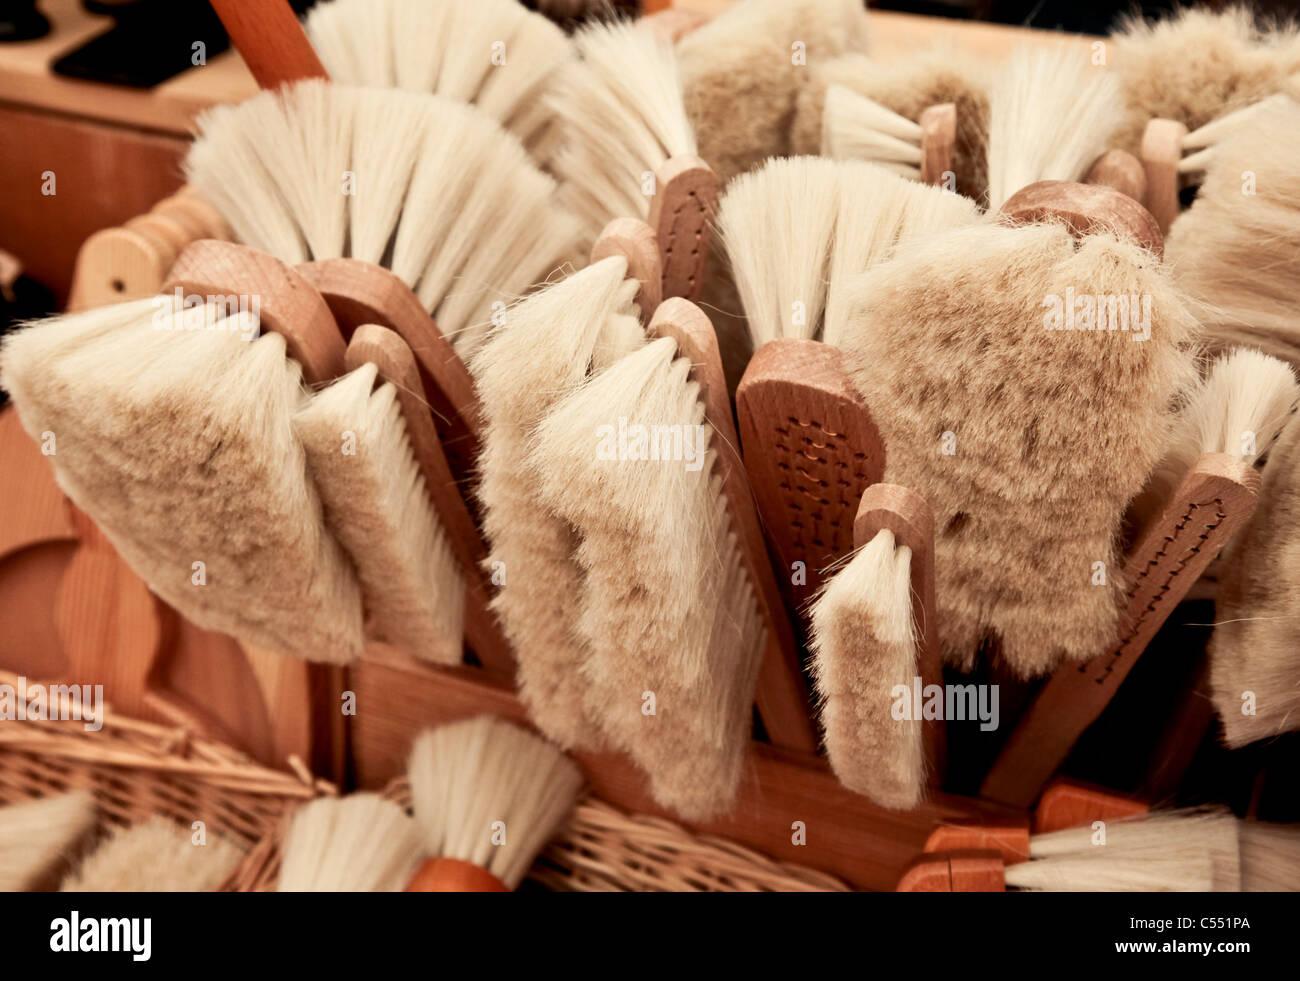 Hand brush with natural bristles - Handfeger mit Naturborsten - Stock Image